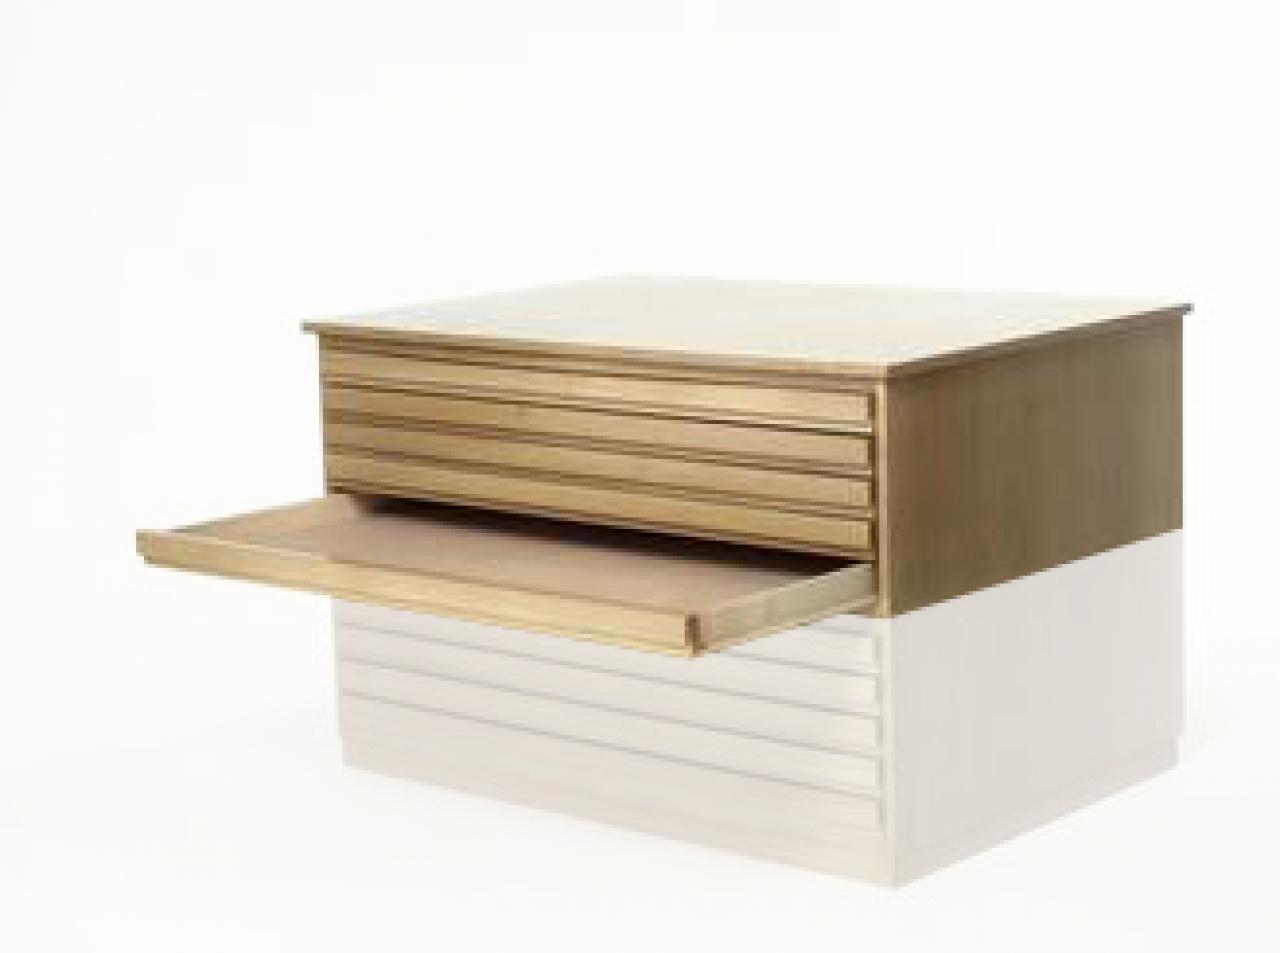 Meuble À Papier - Meuble À Papier - Matériel Beaux Arts - L destiné Meuble A Papier